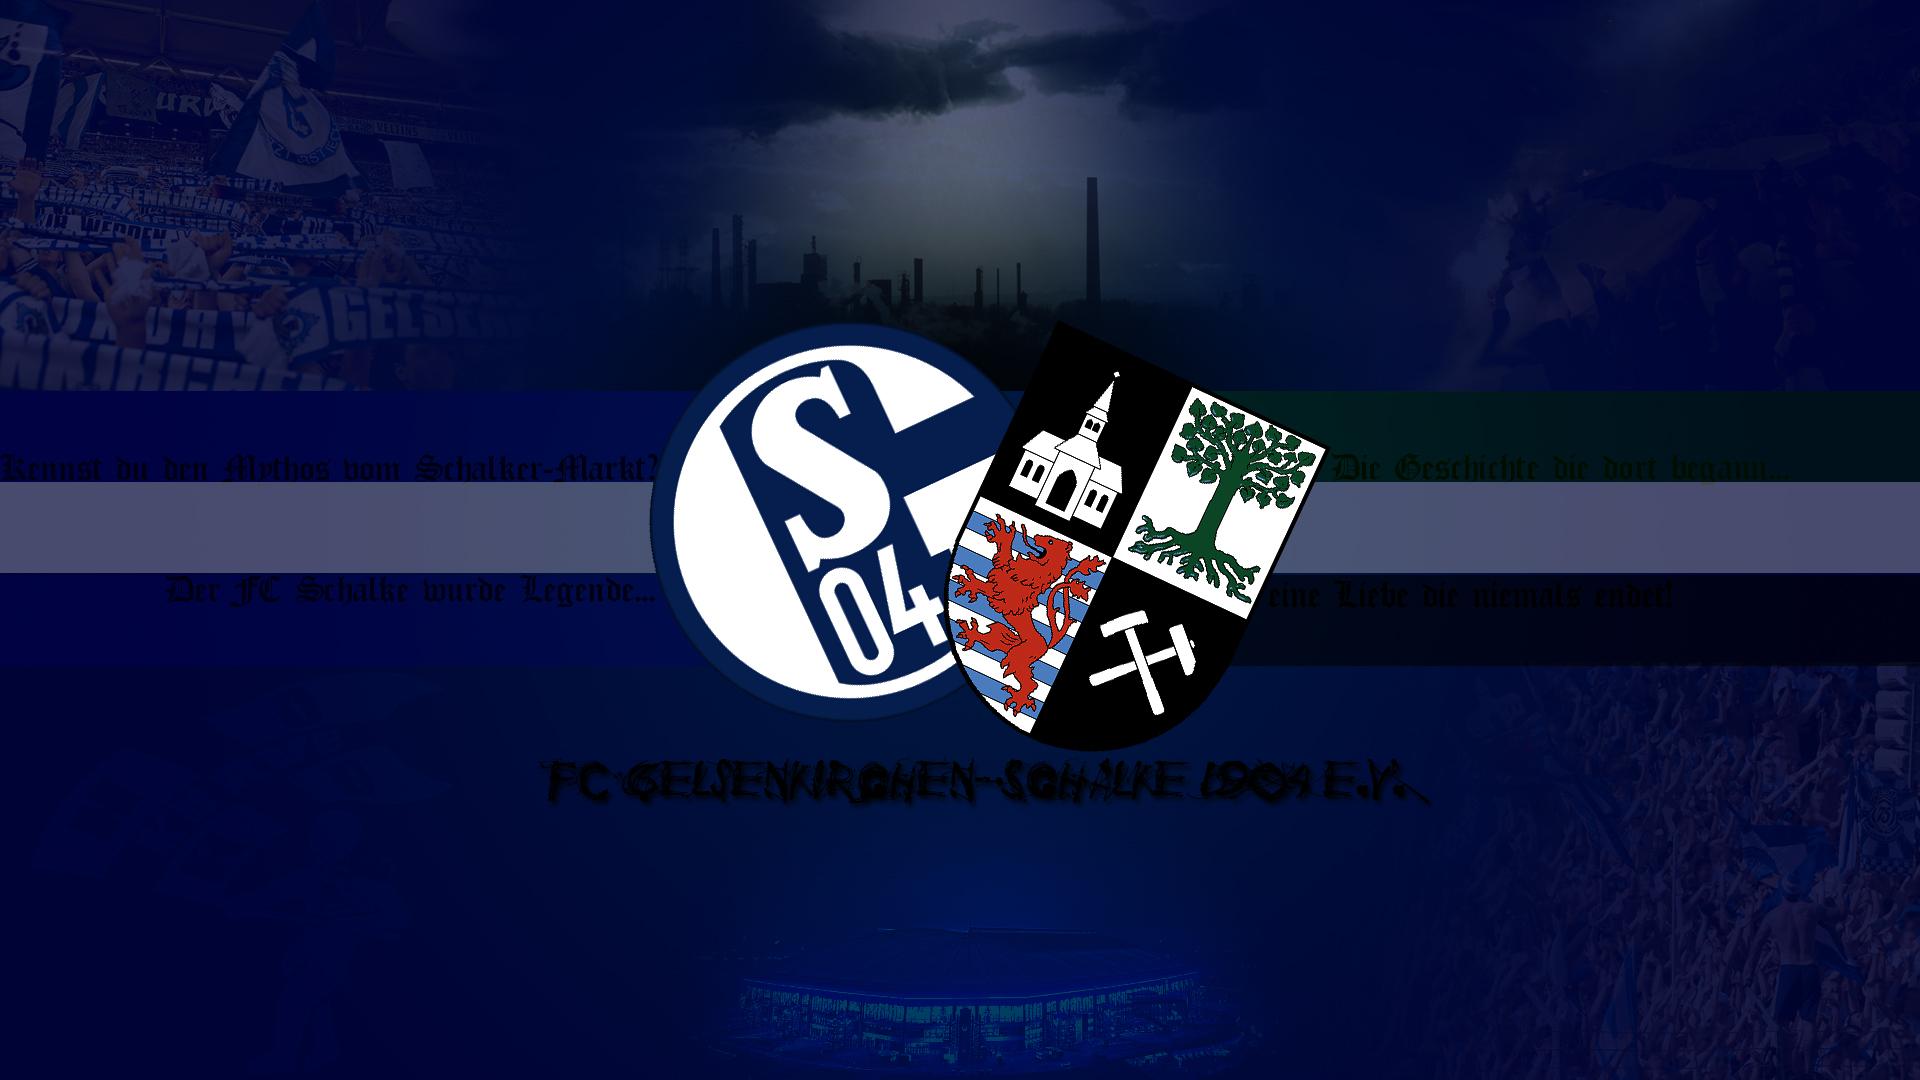 fußballclub gelsenkirchenschalke 04 hd wallpaper